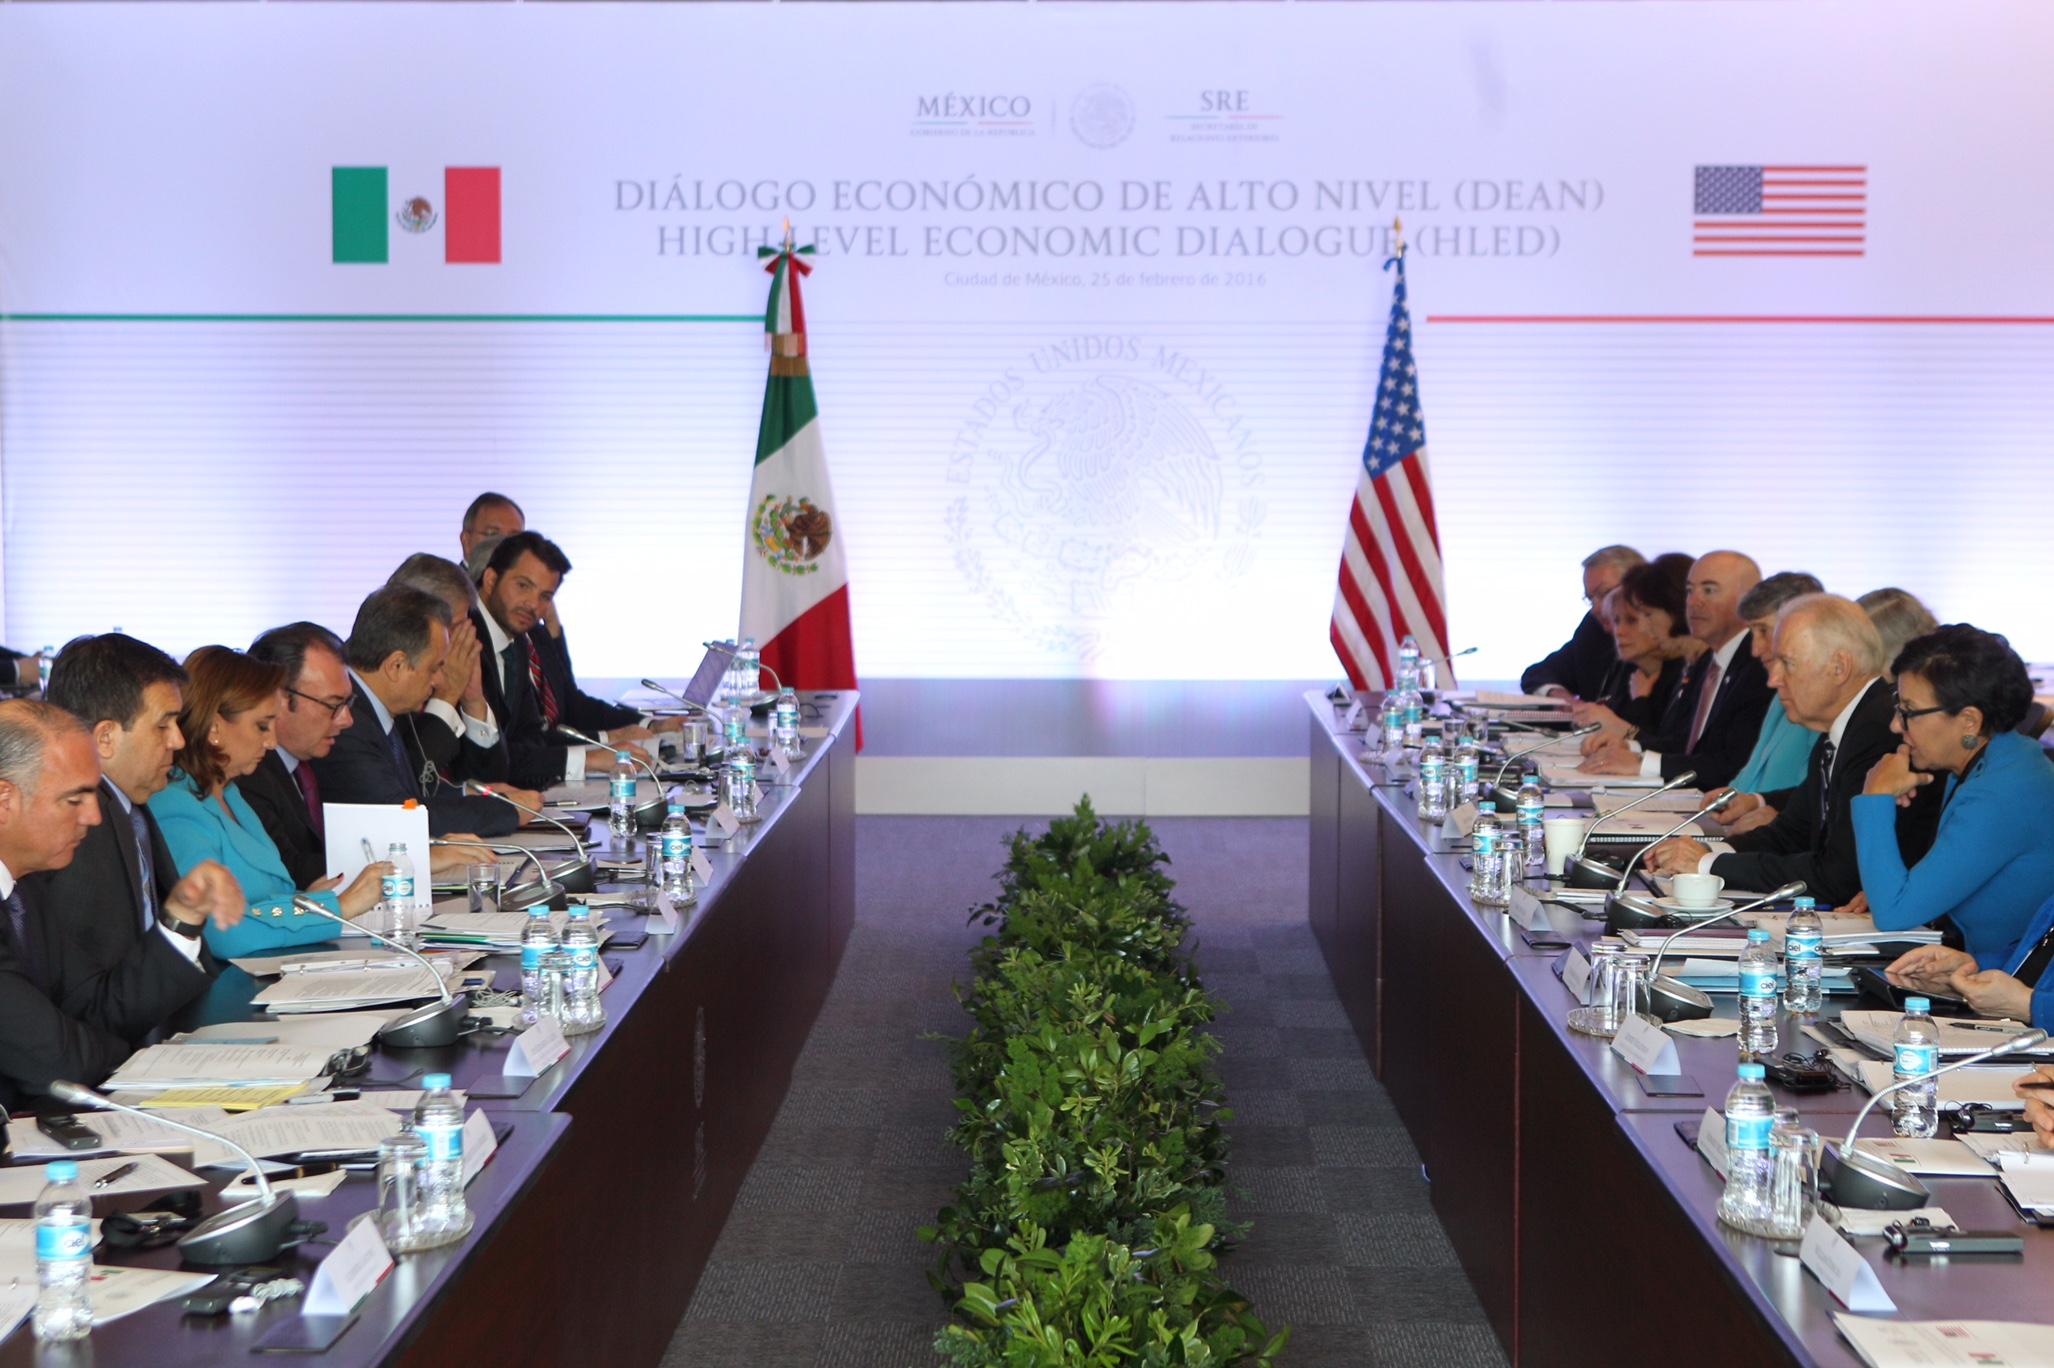 FOTO 4 Delegaciones de M xico y Estados Unidos en la reuni n del Di logo Econ mico de Alto Niveljpg